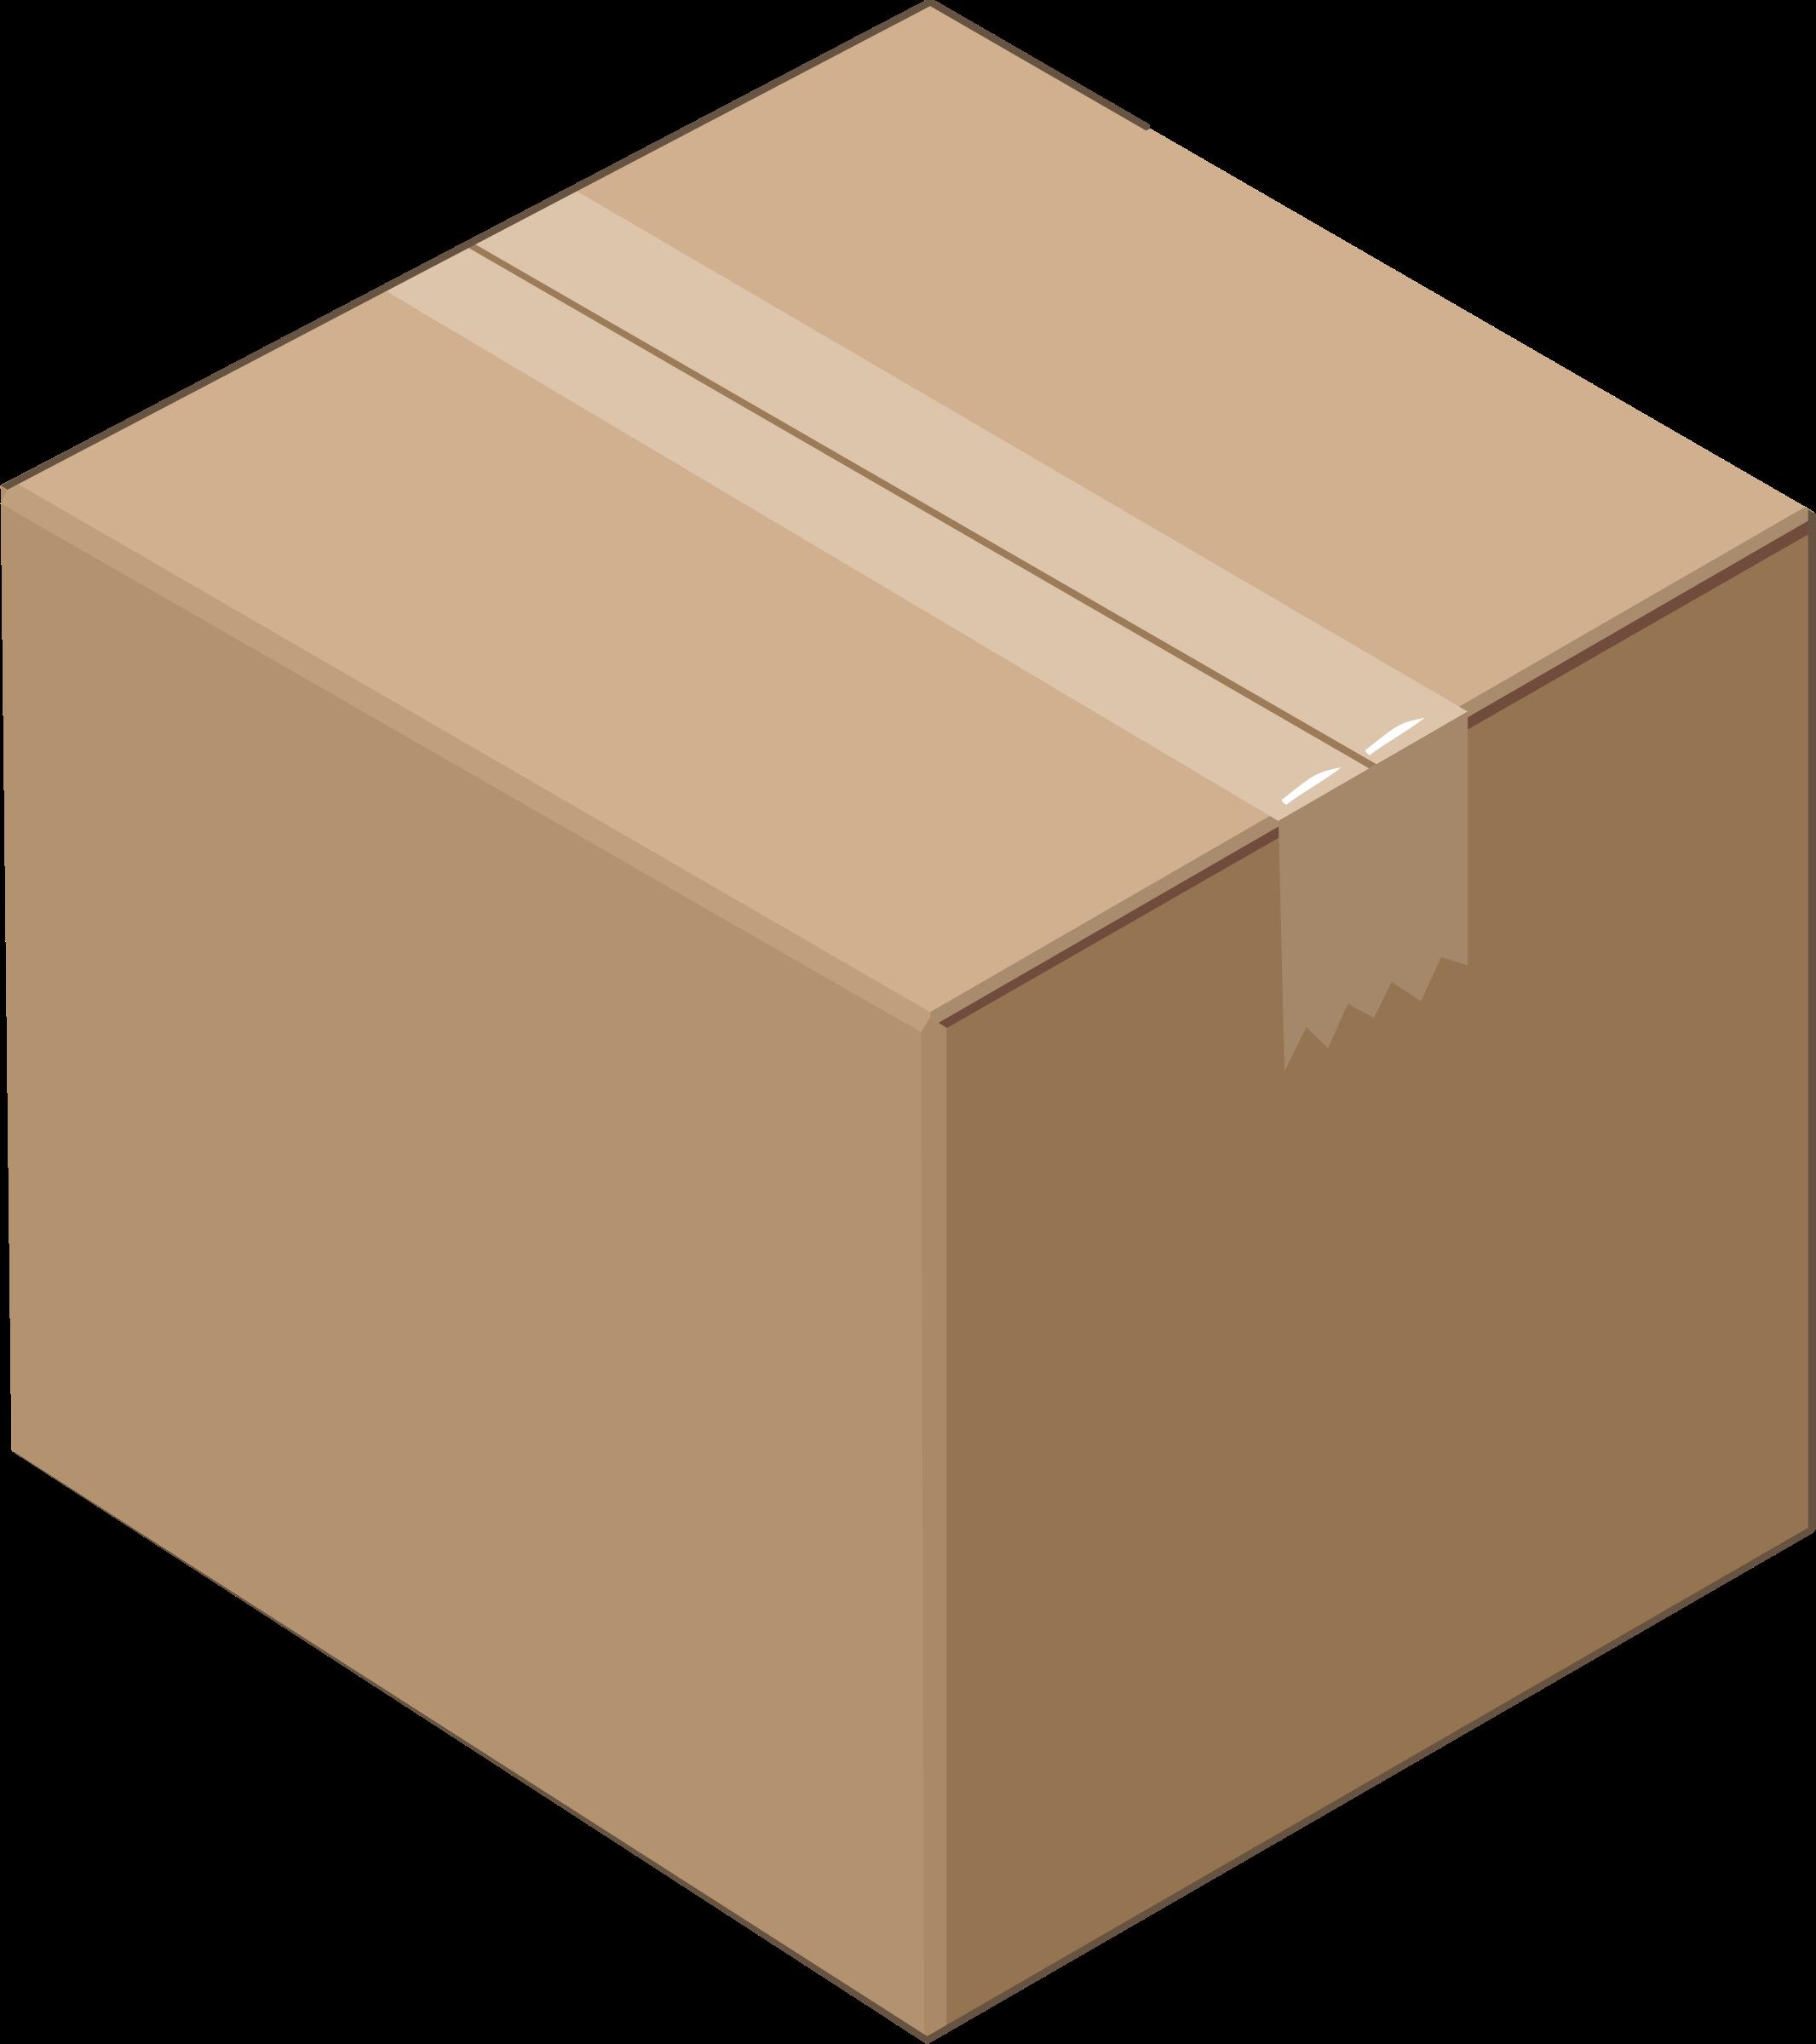 collection of boxes. Clipart box carton box